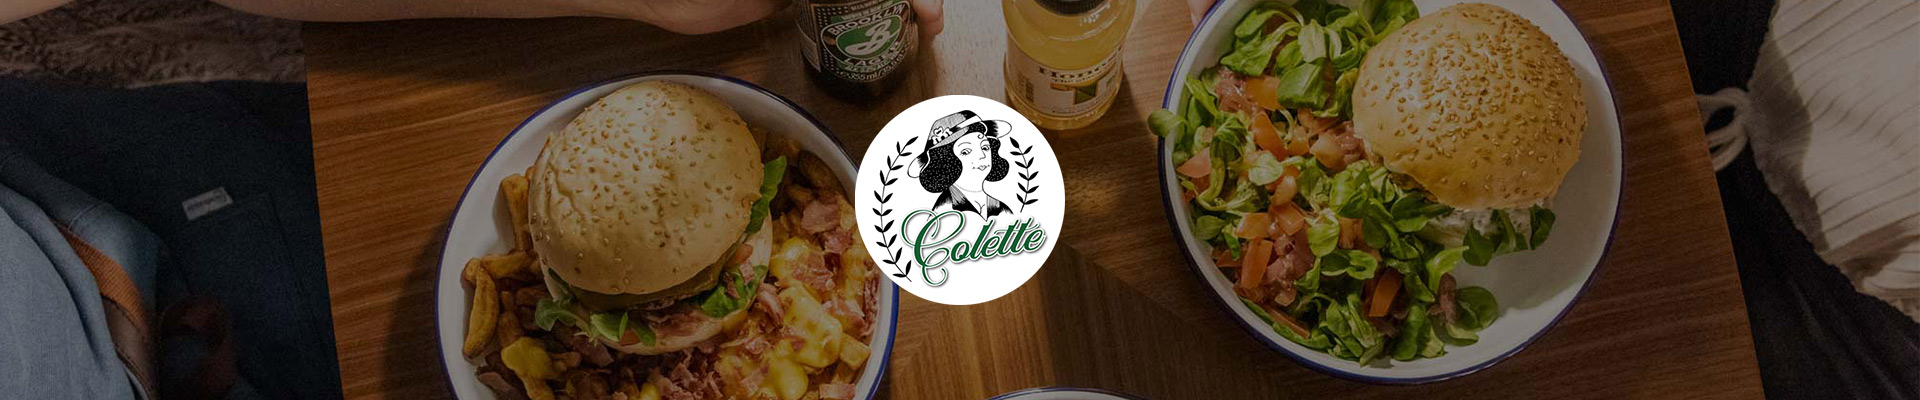 Les burgers de Colette Dewey